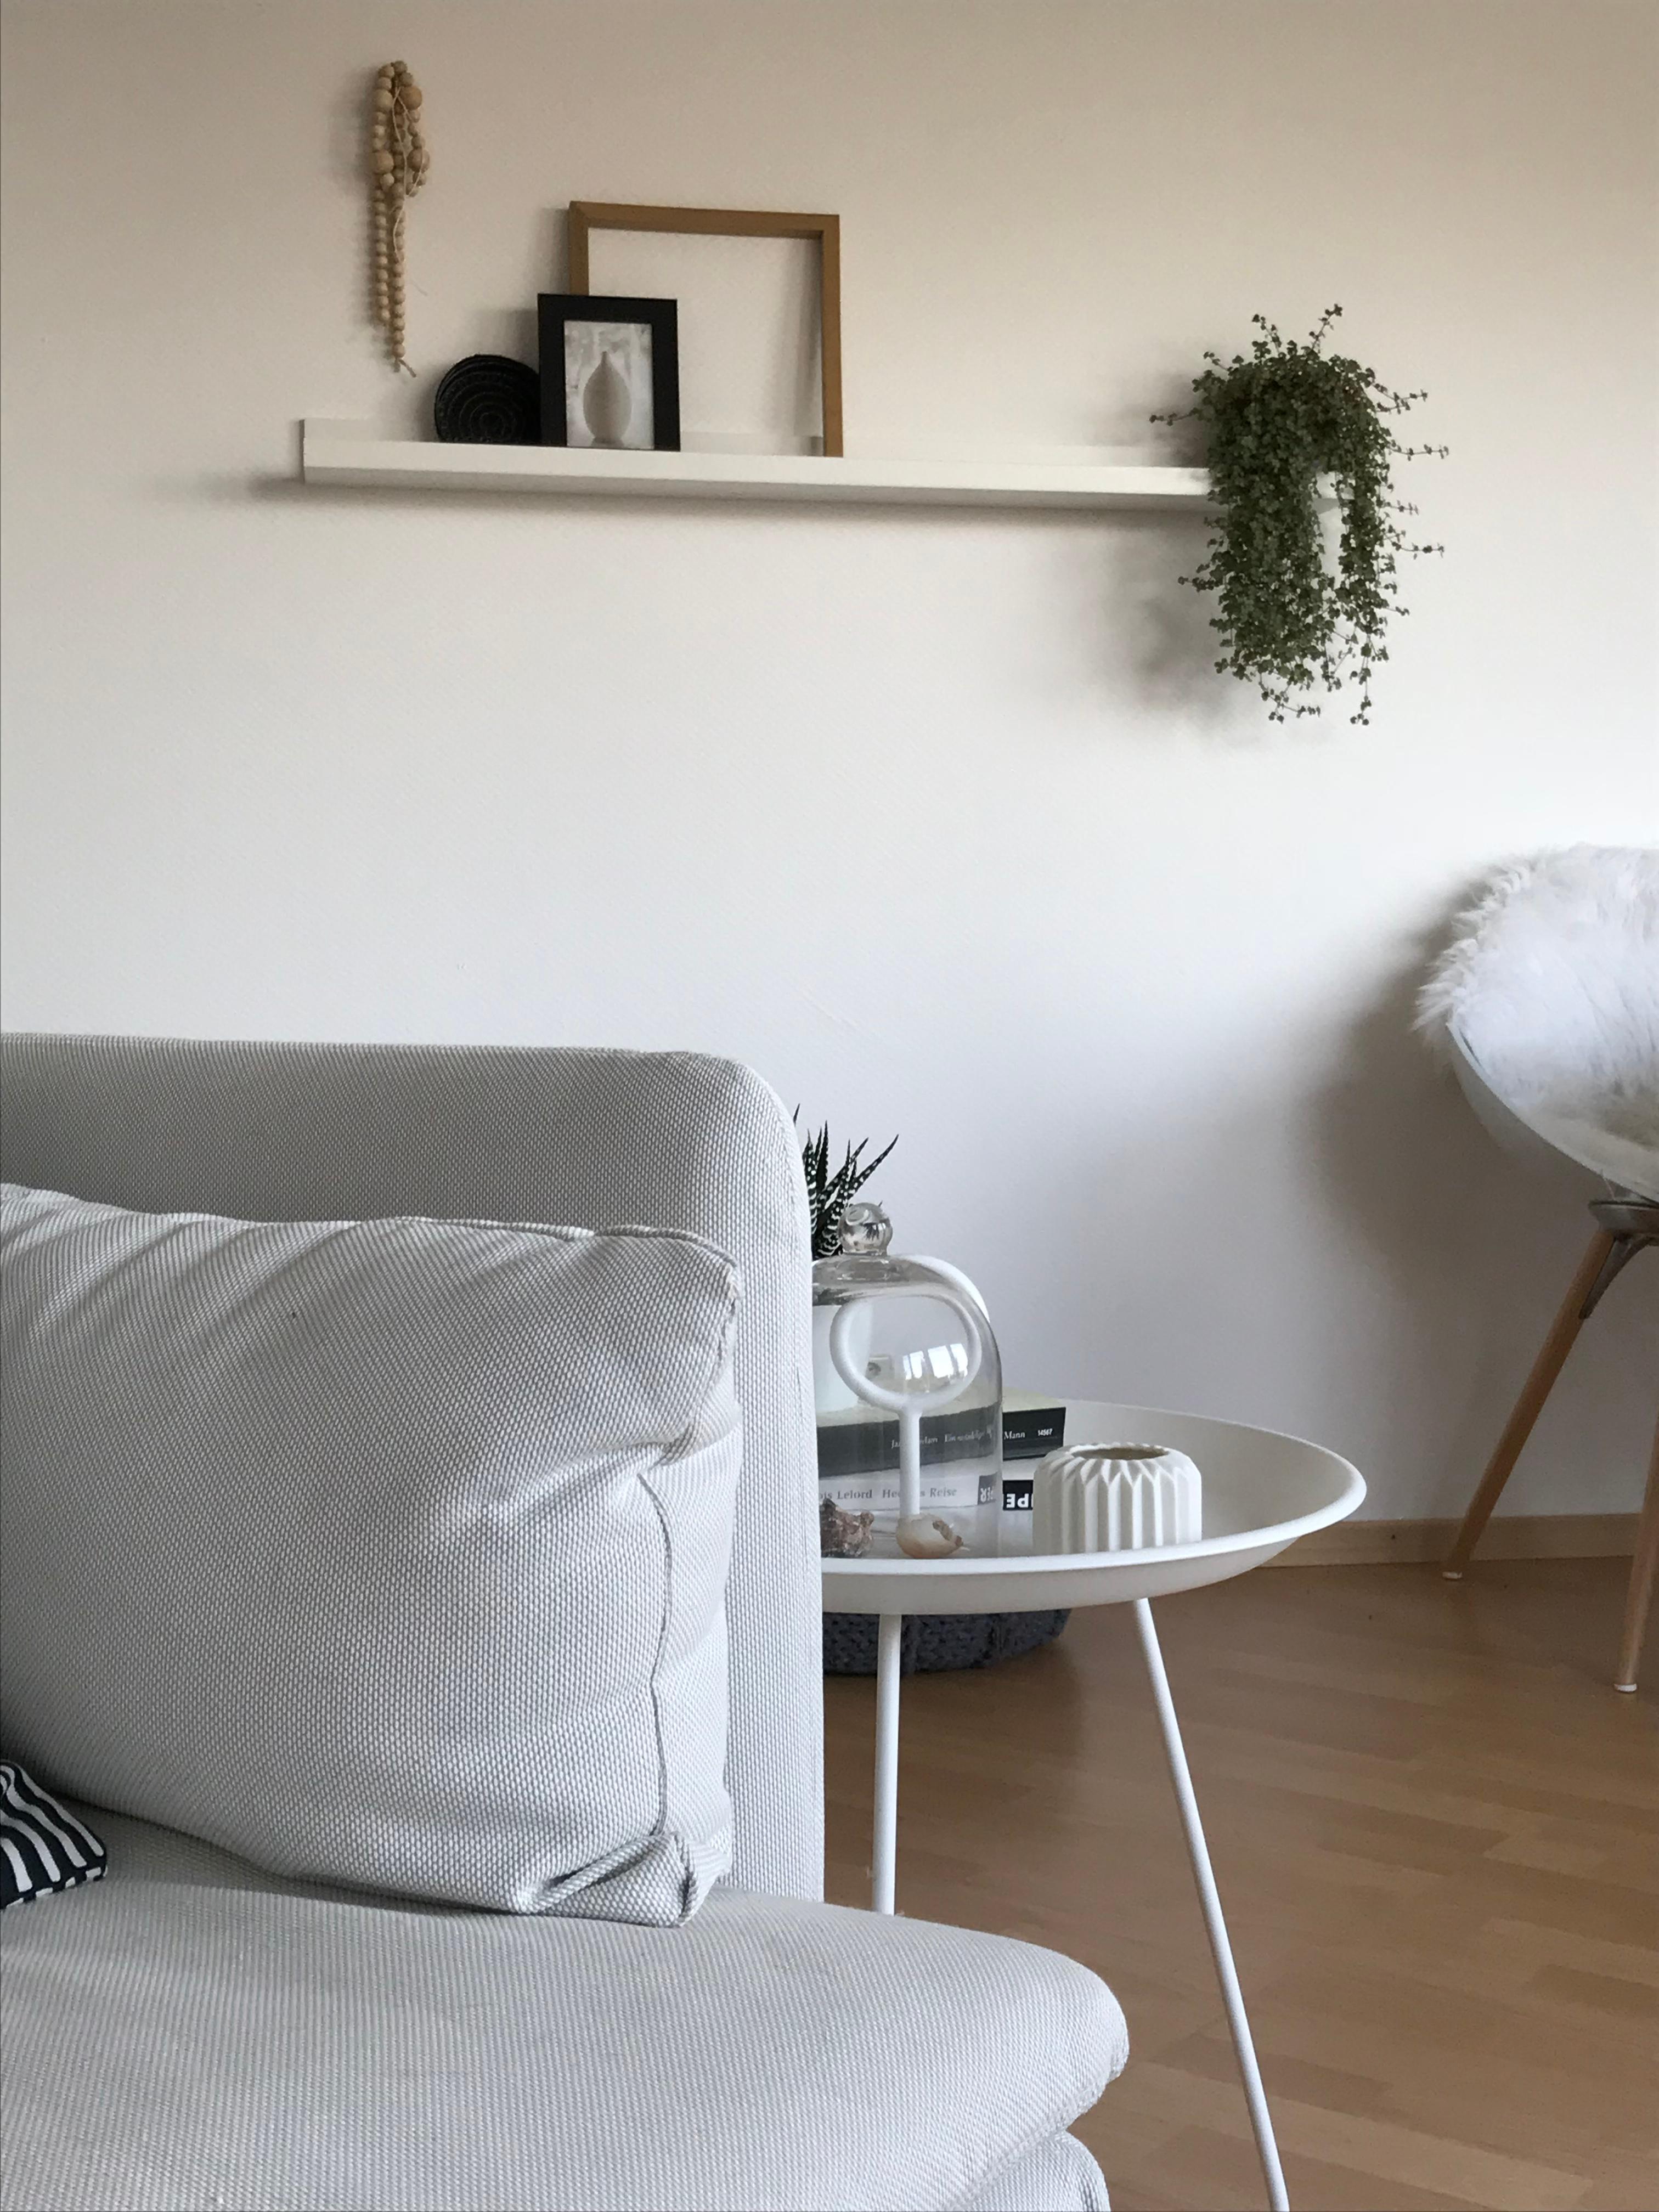 morgenlicht wohnzimmer skandinavisch bilderleiste beistelltisch couchstyle